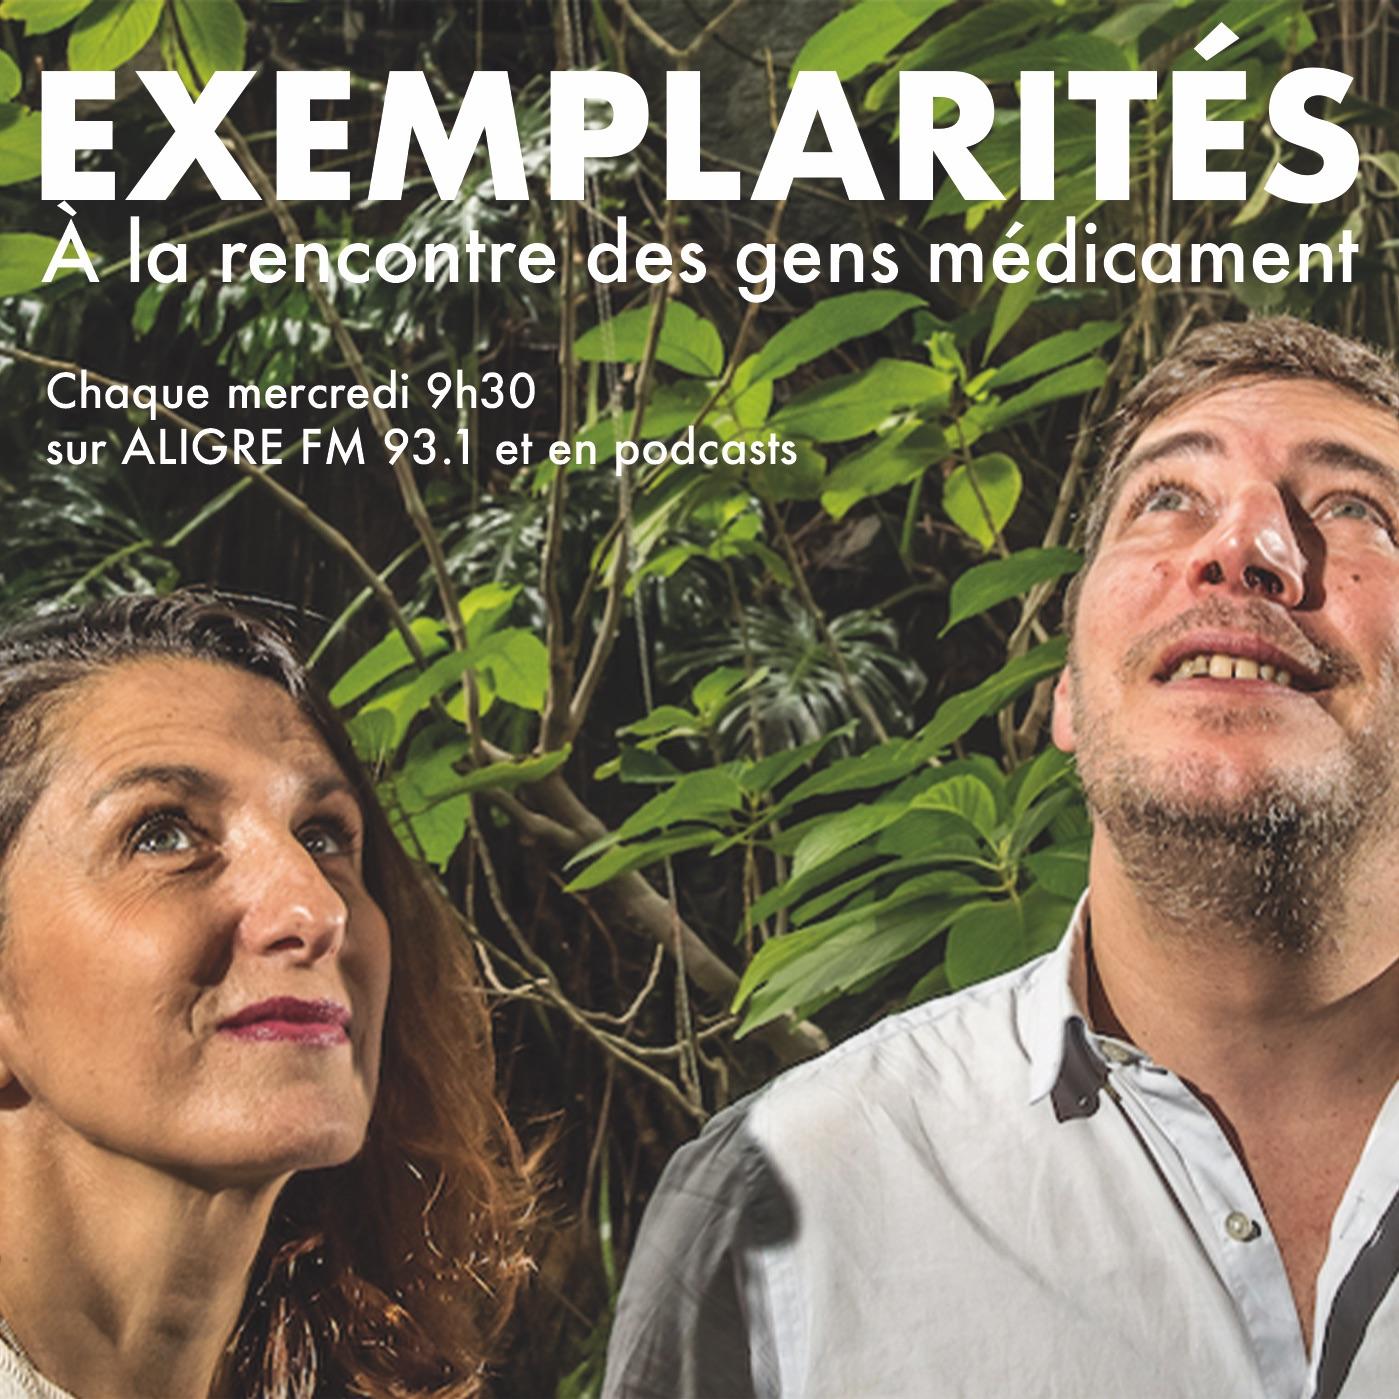 Exemplarités - A la rencontre des gens médicament